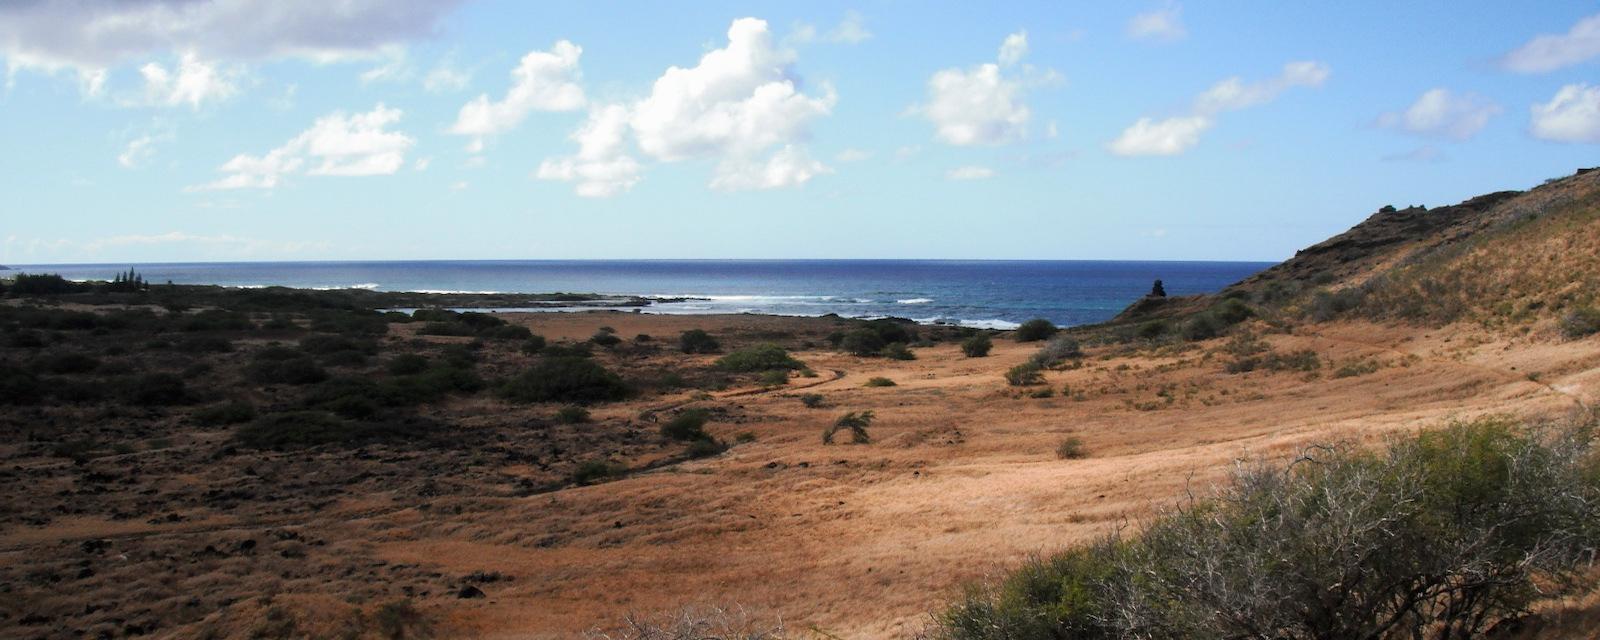 Dry ranch land on Hawai'i